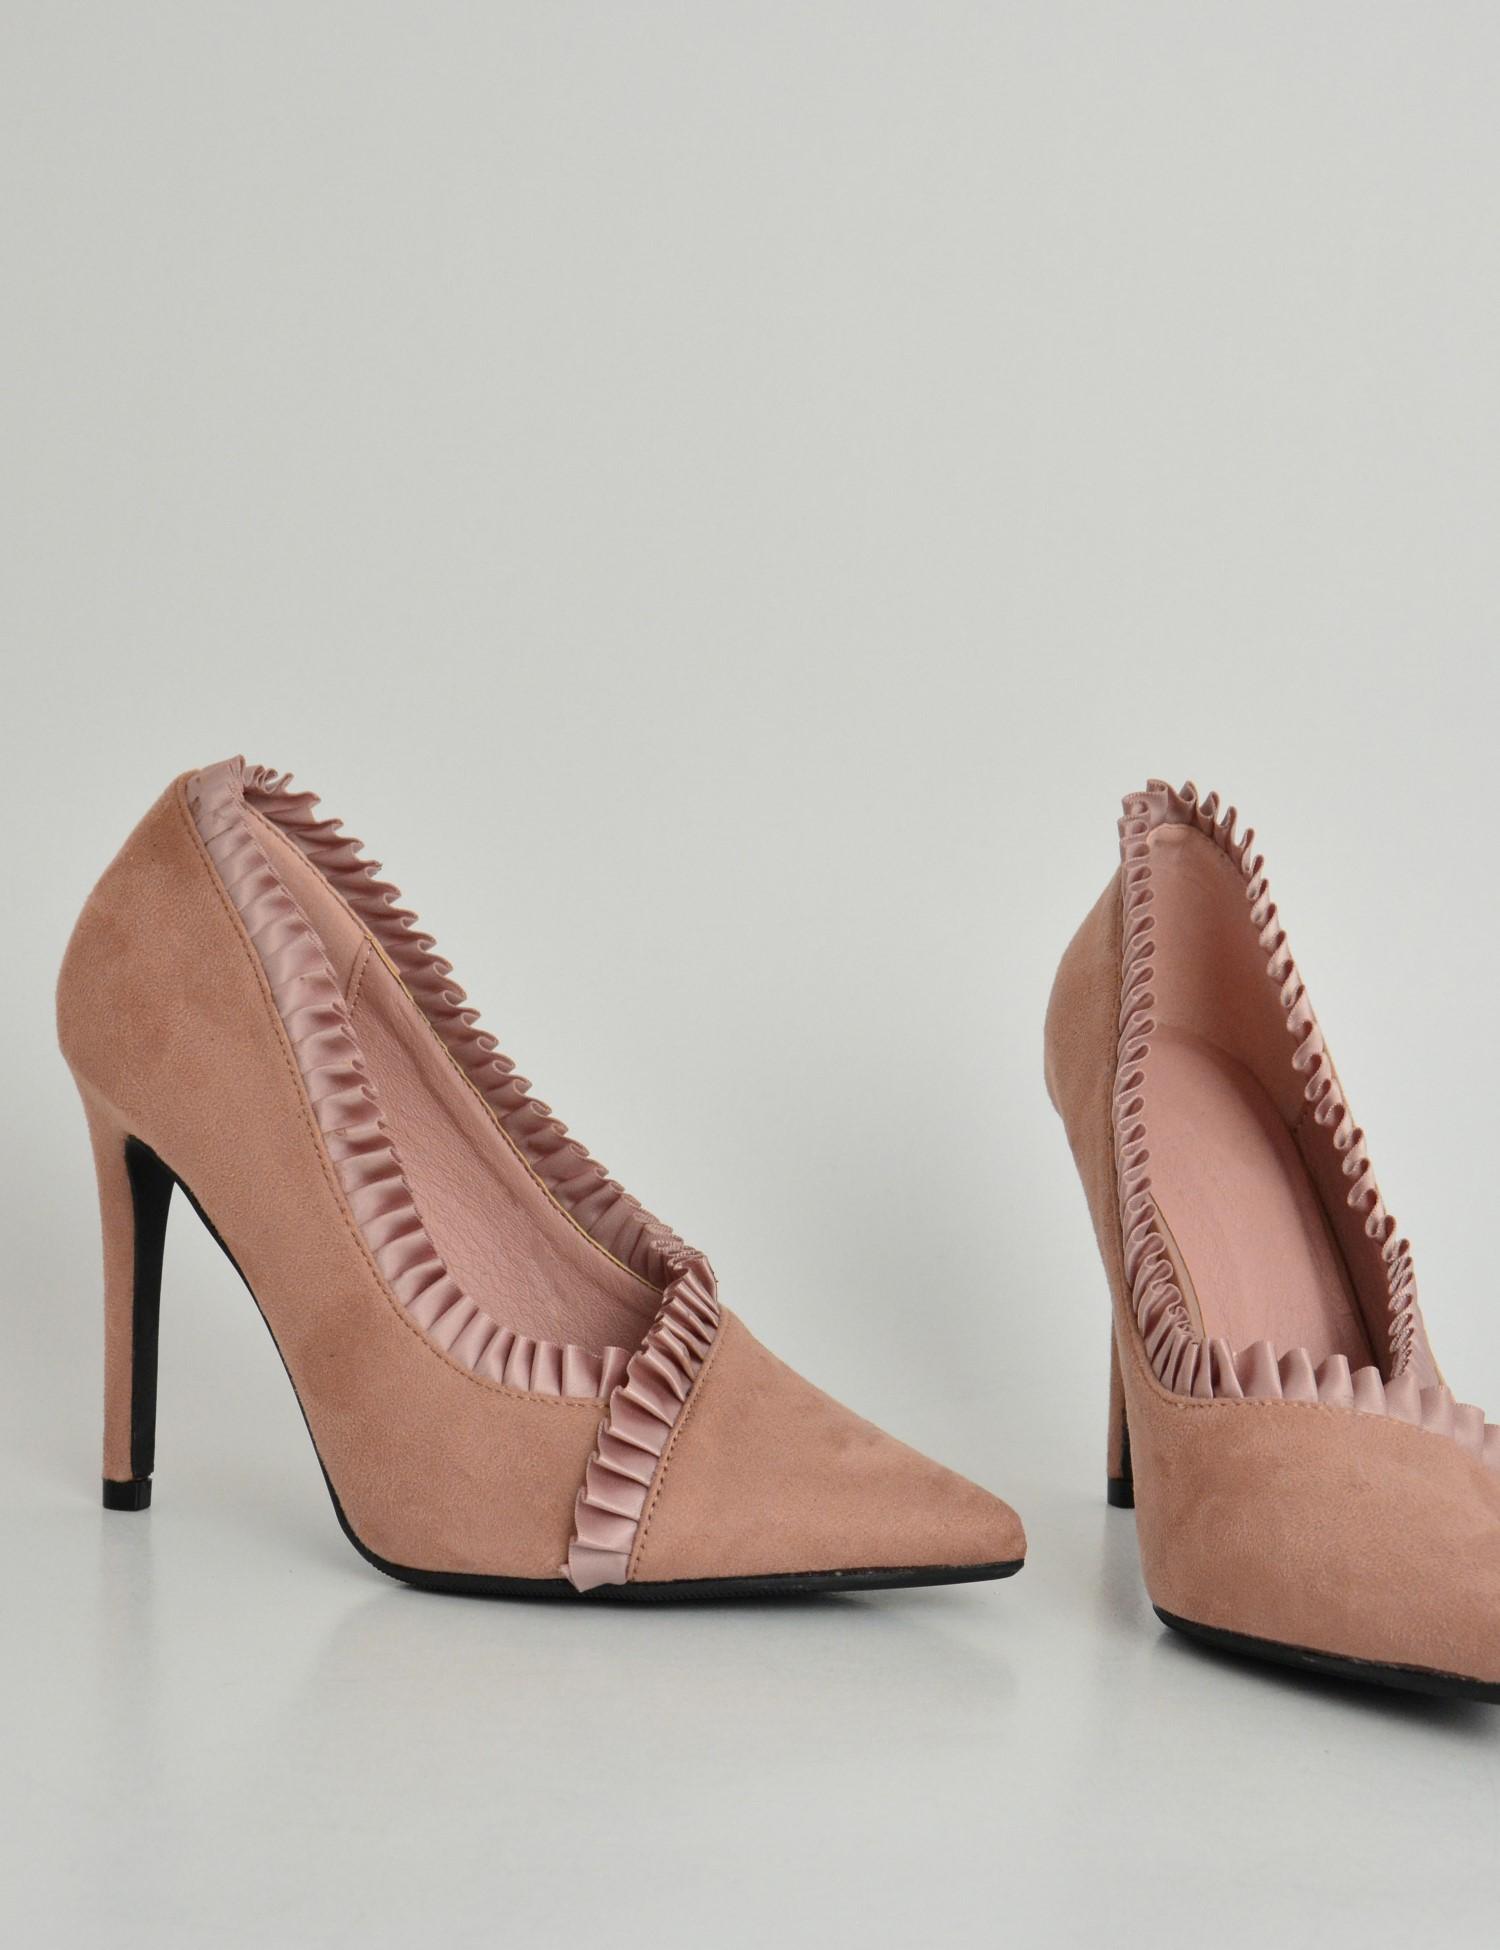 Γυναικείες μυτερές σουέτ γόβες με πιέτες ροζ TK3106U 024e1824939